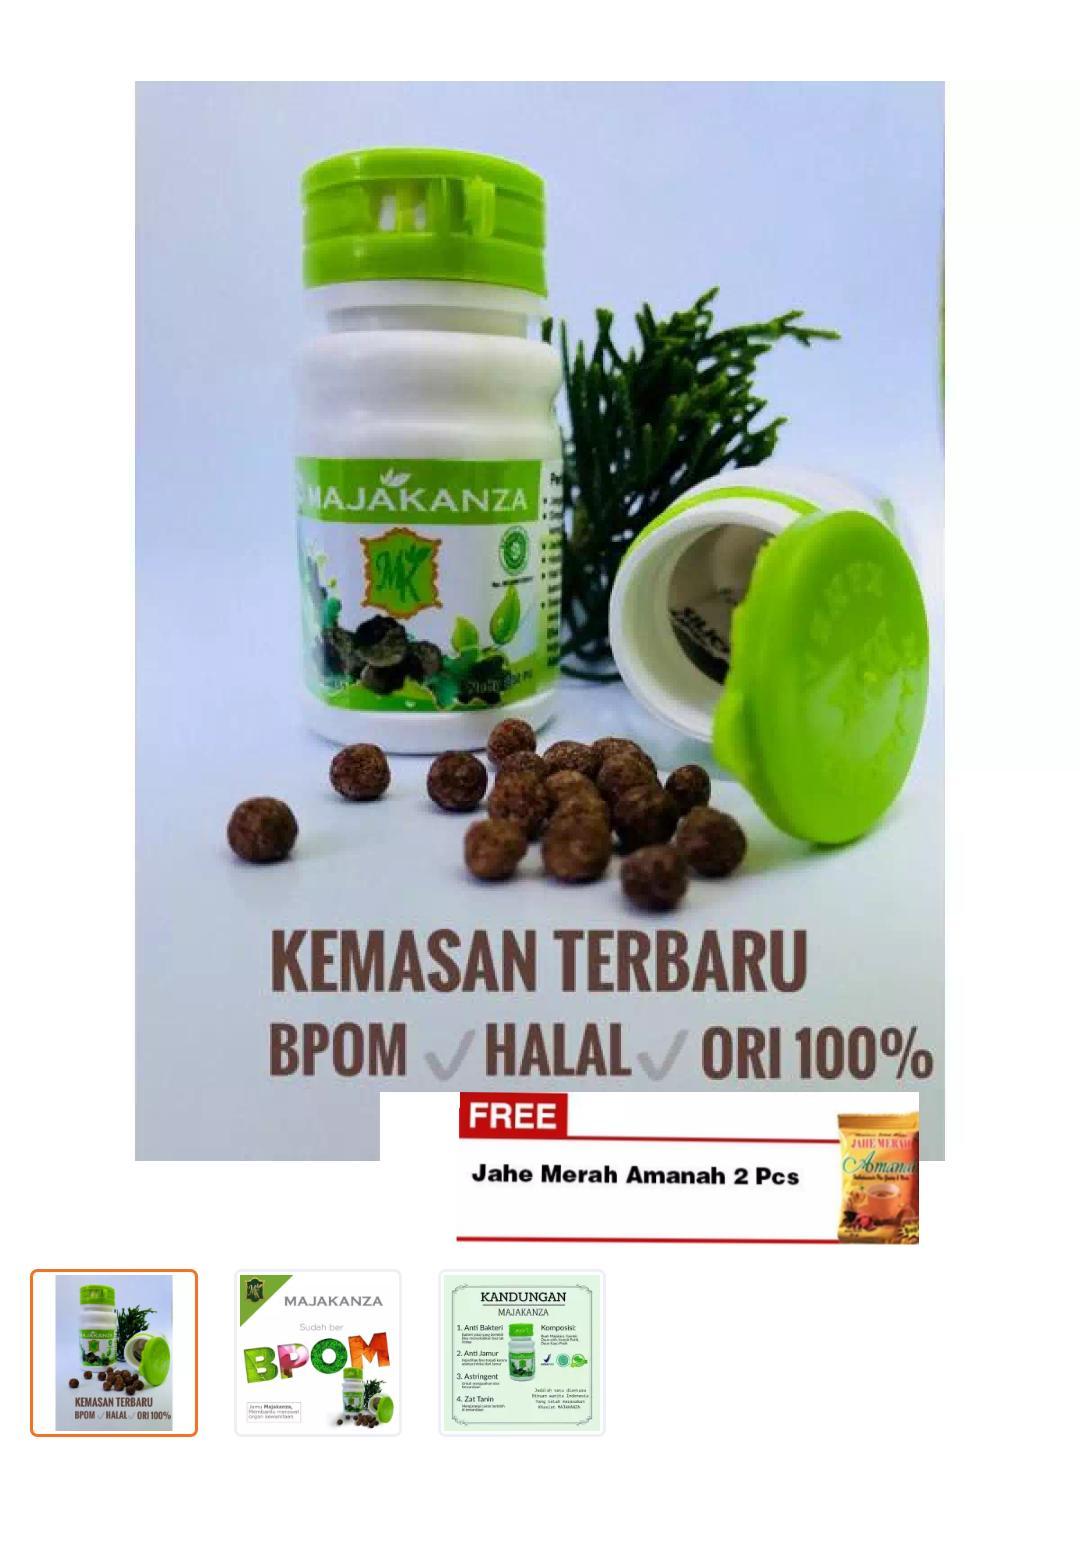 Buy Sell Cheapest Herbal Manjakani Kanza Best Quality Product Jamu Majakani Keputihan Alami I Ori